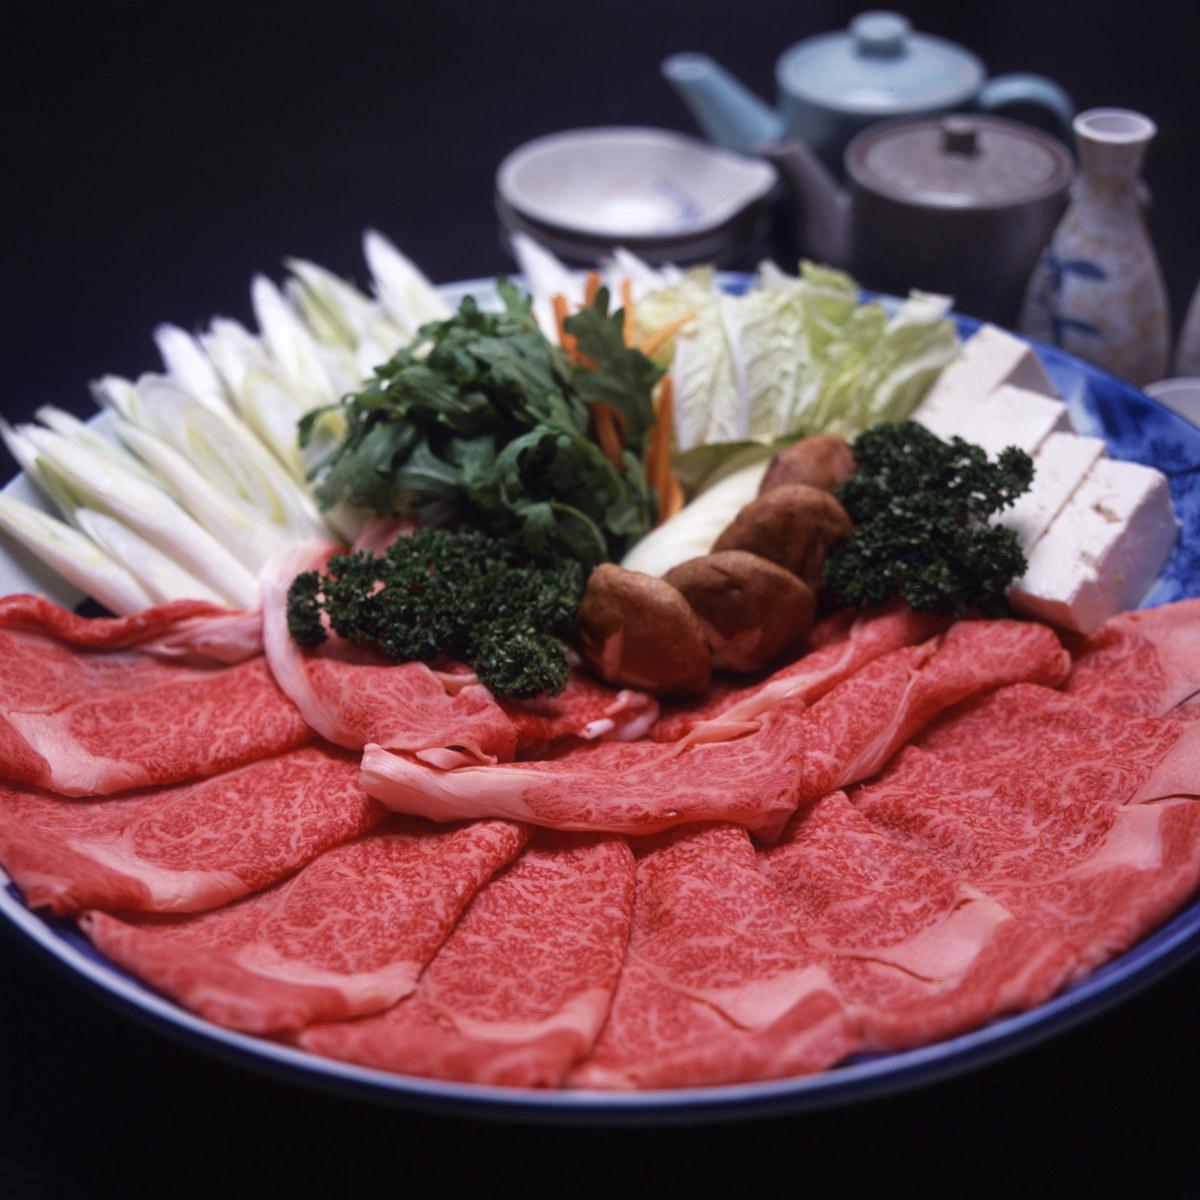 三重特産_松阪牛すき焼き用スライス肉